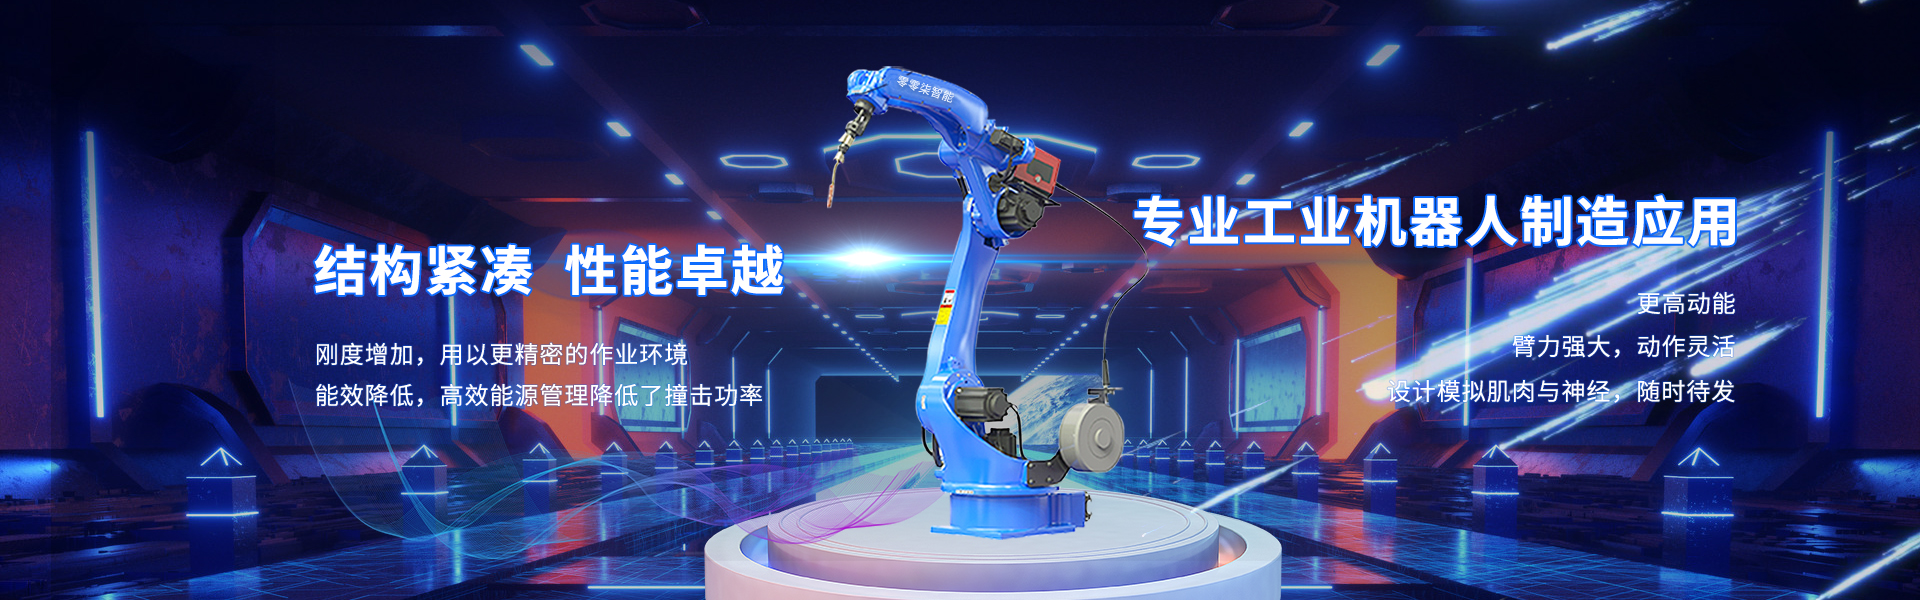 专业卡诺谱机器人,推荐机器人焊接